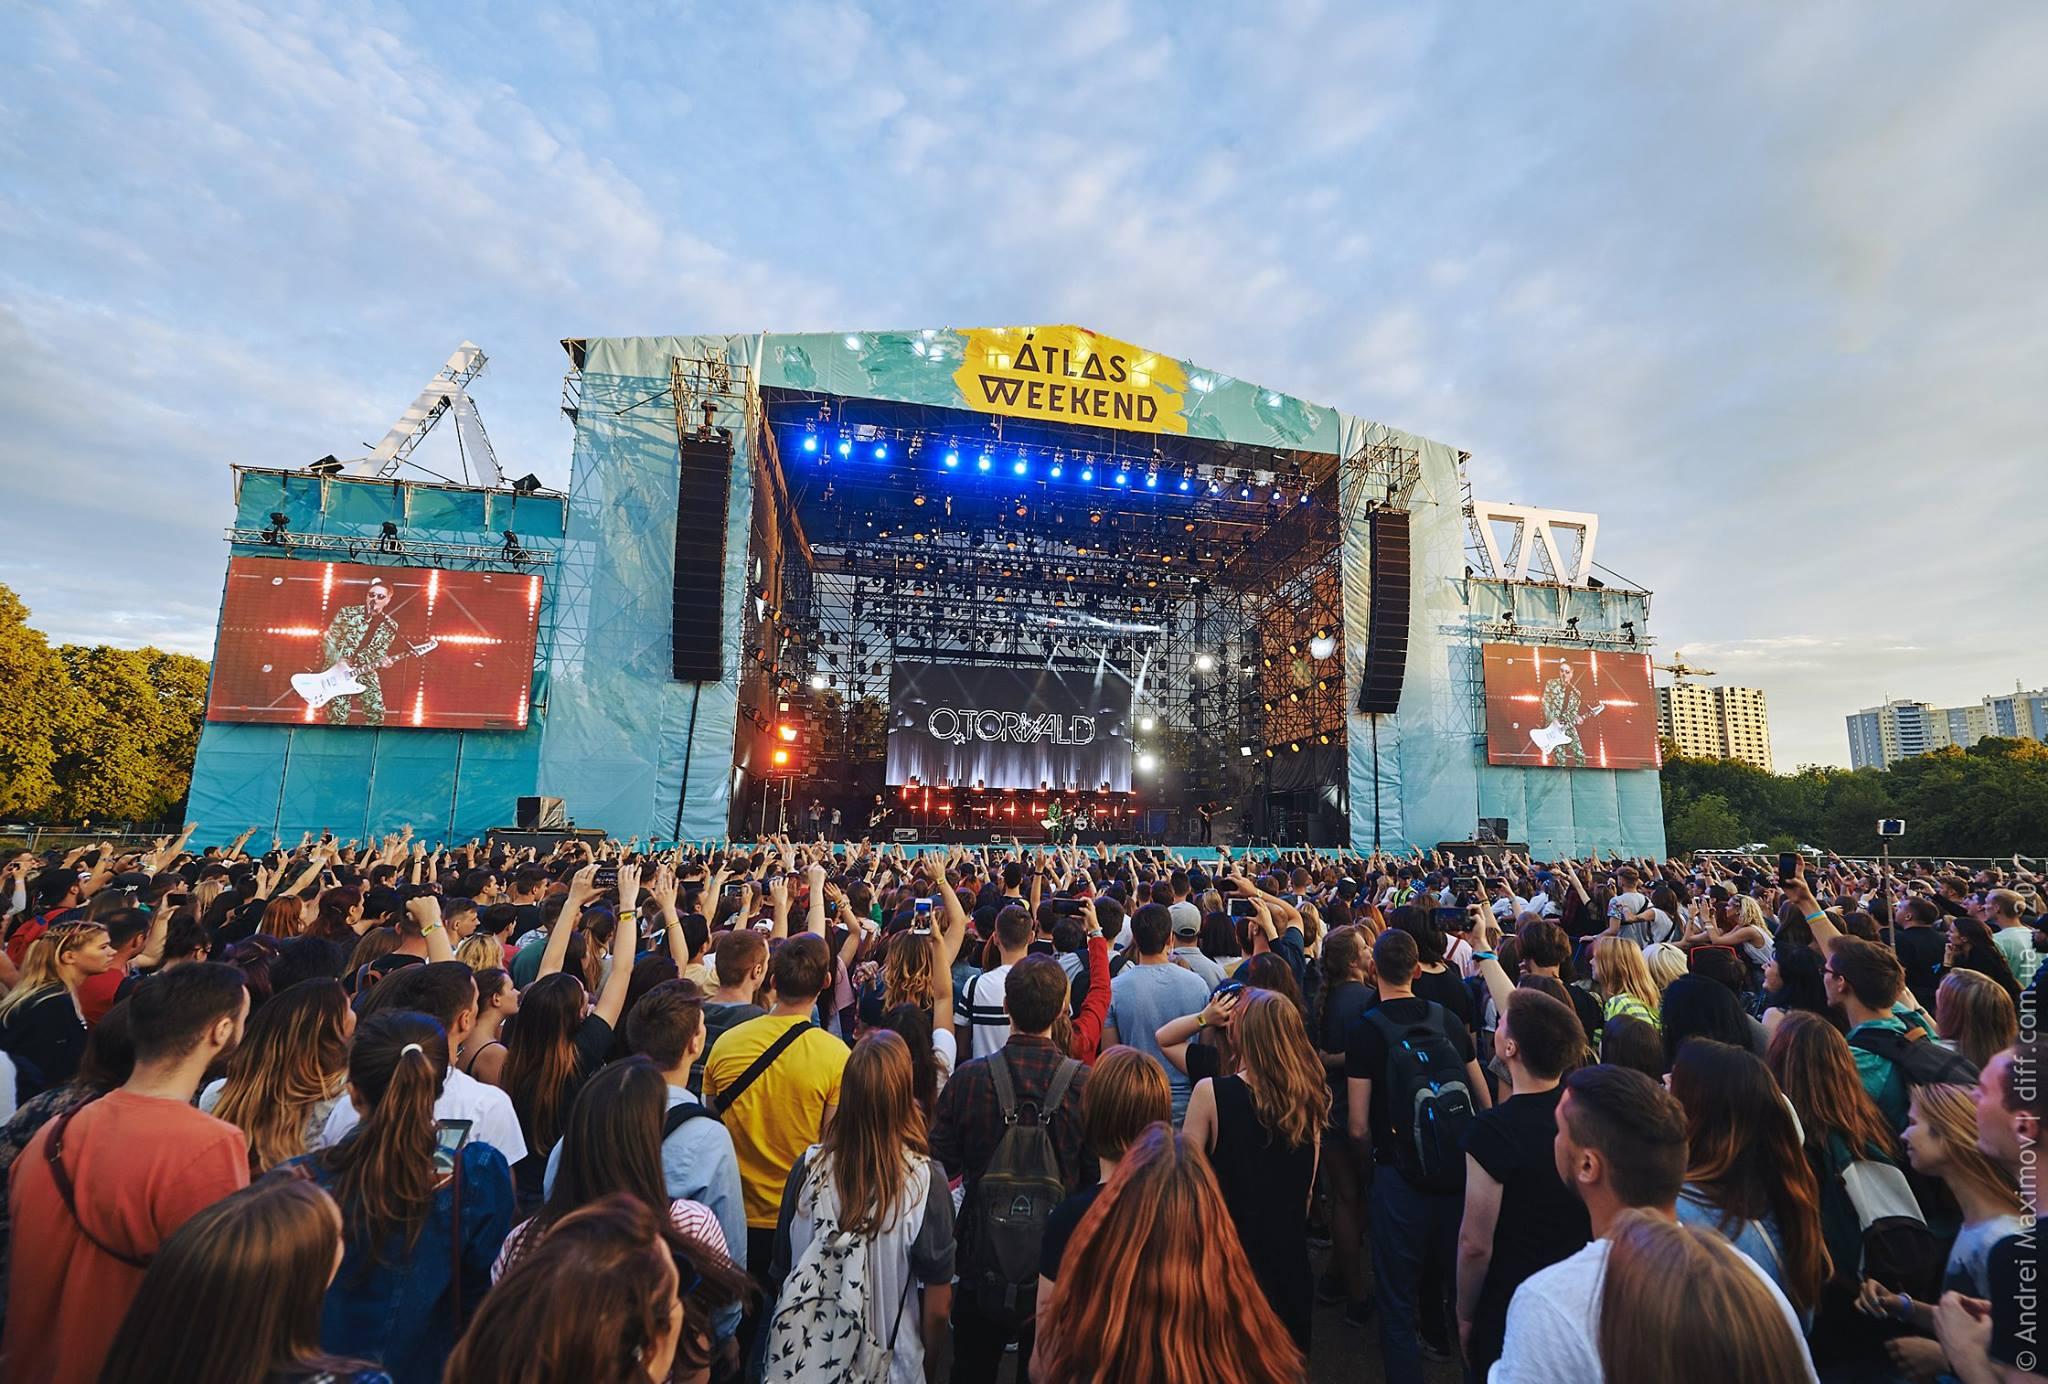 Фестиваль в этом году будет шестидневным и пройдет с 3 по 8 июля